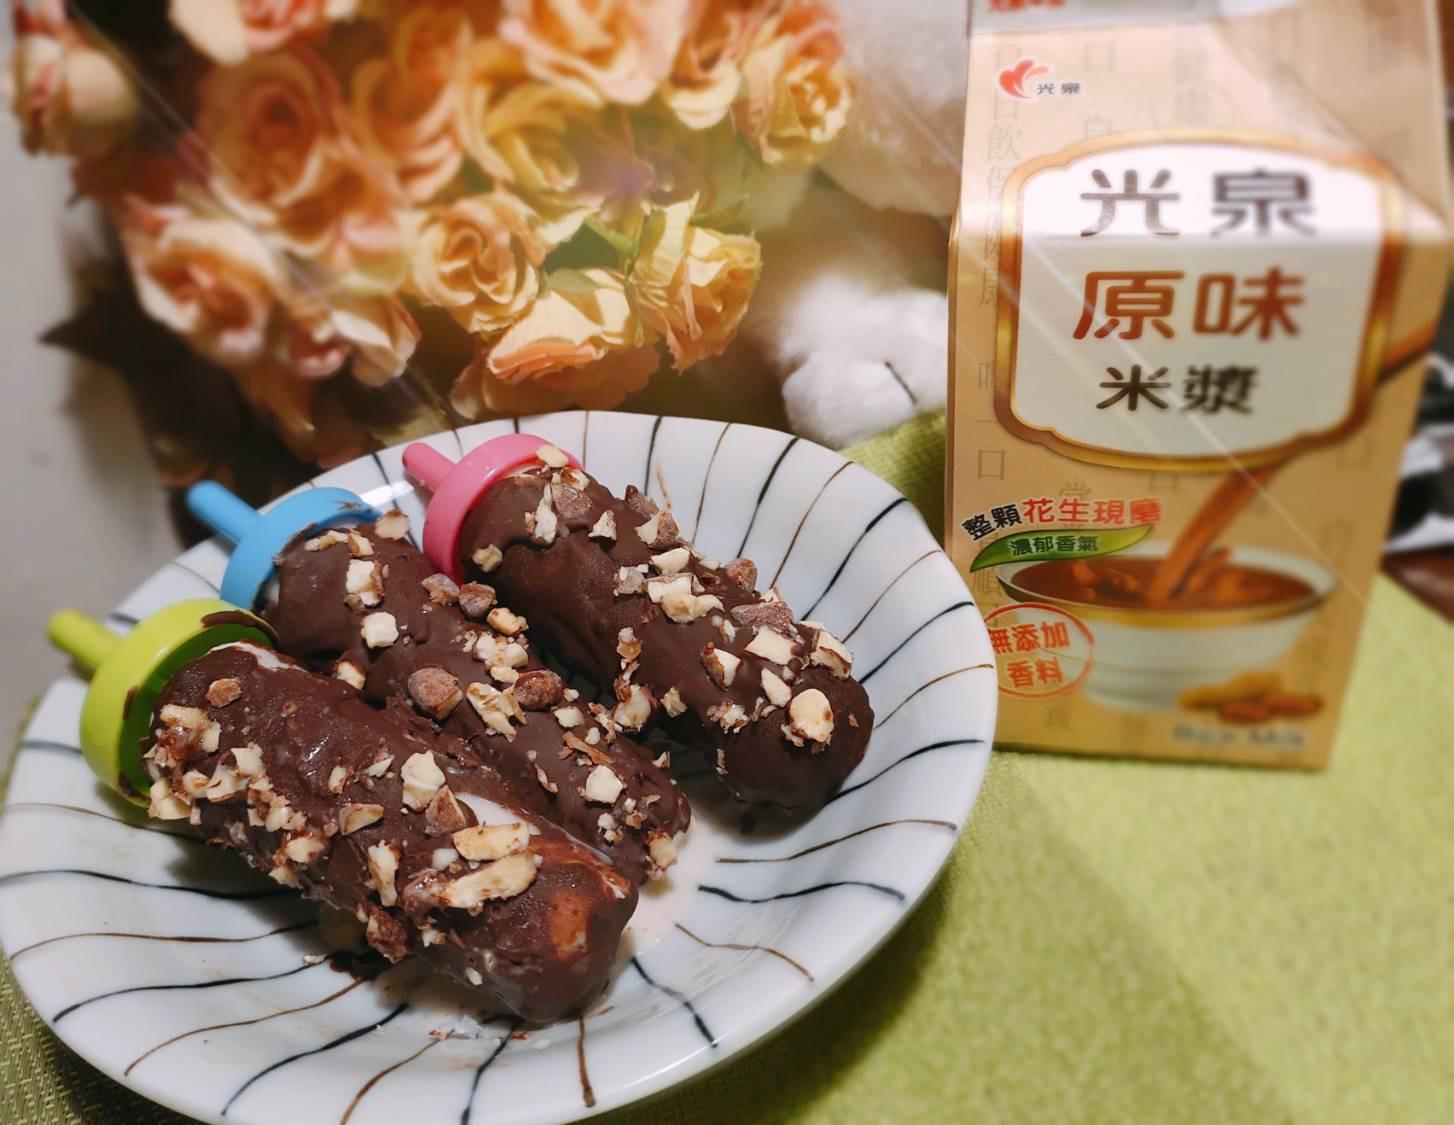 堅果巧克米漿牛奶冰棒